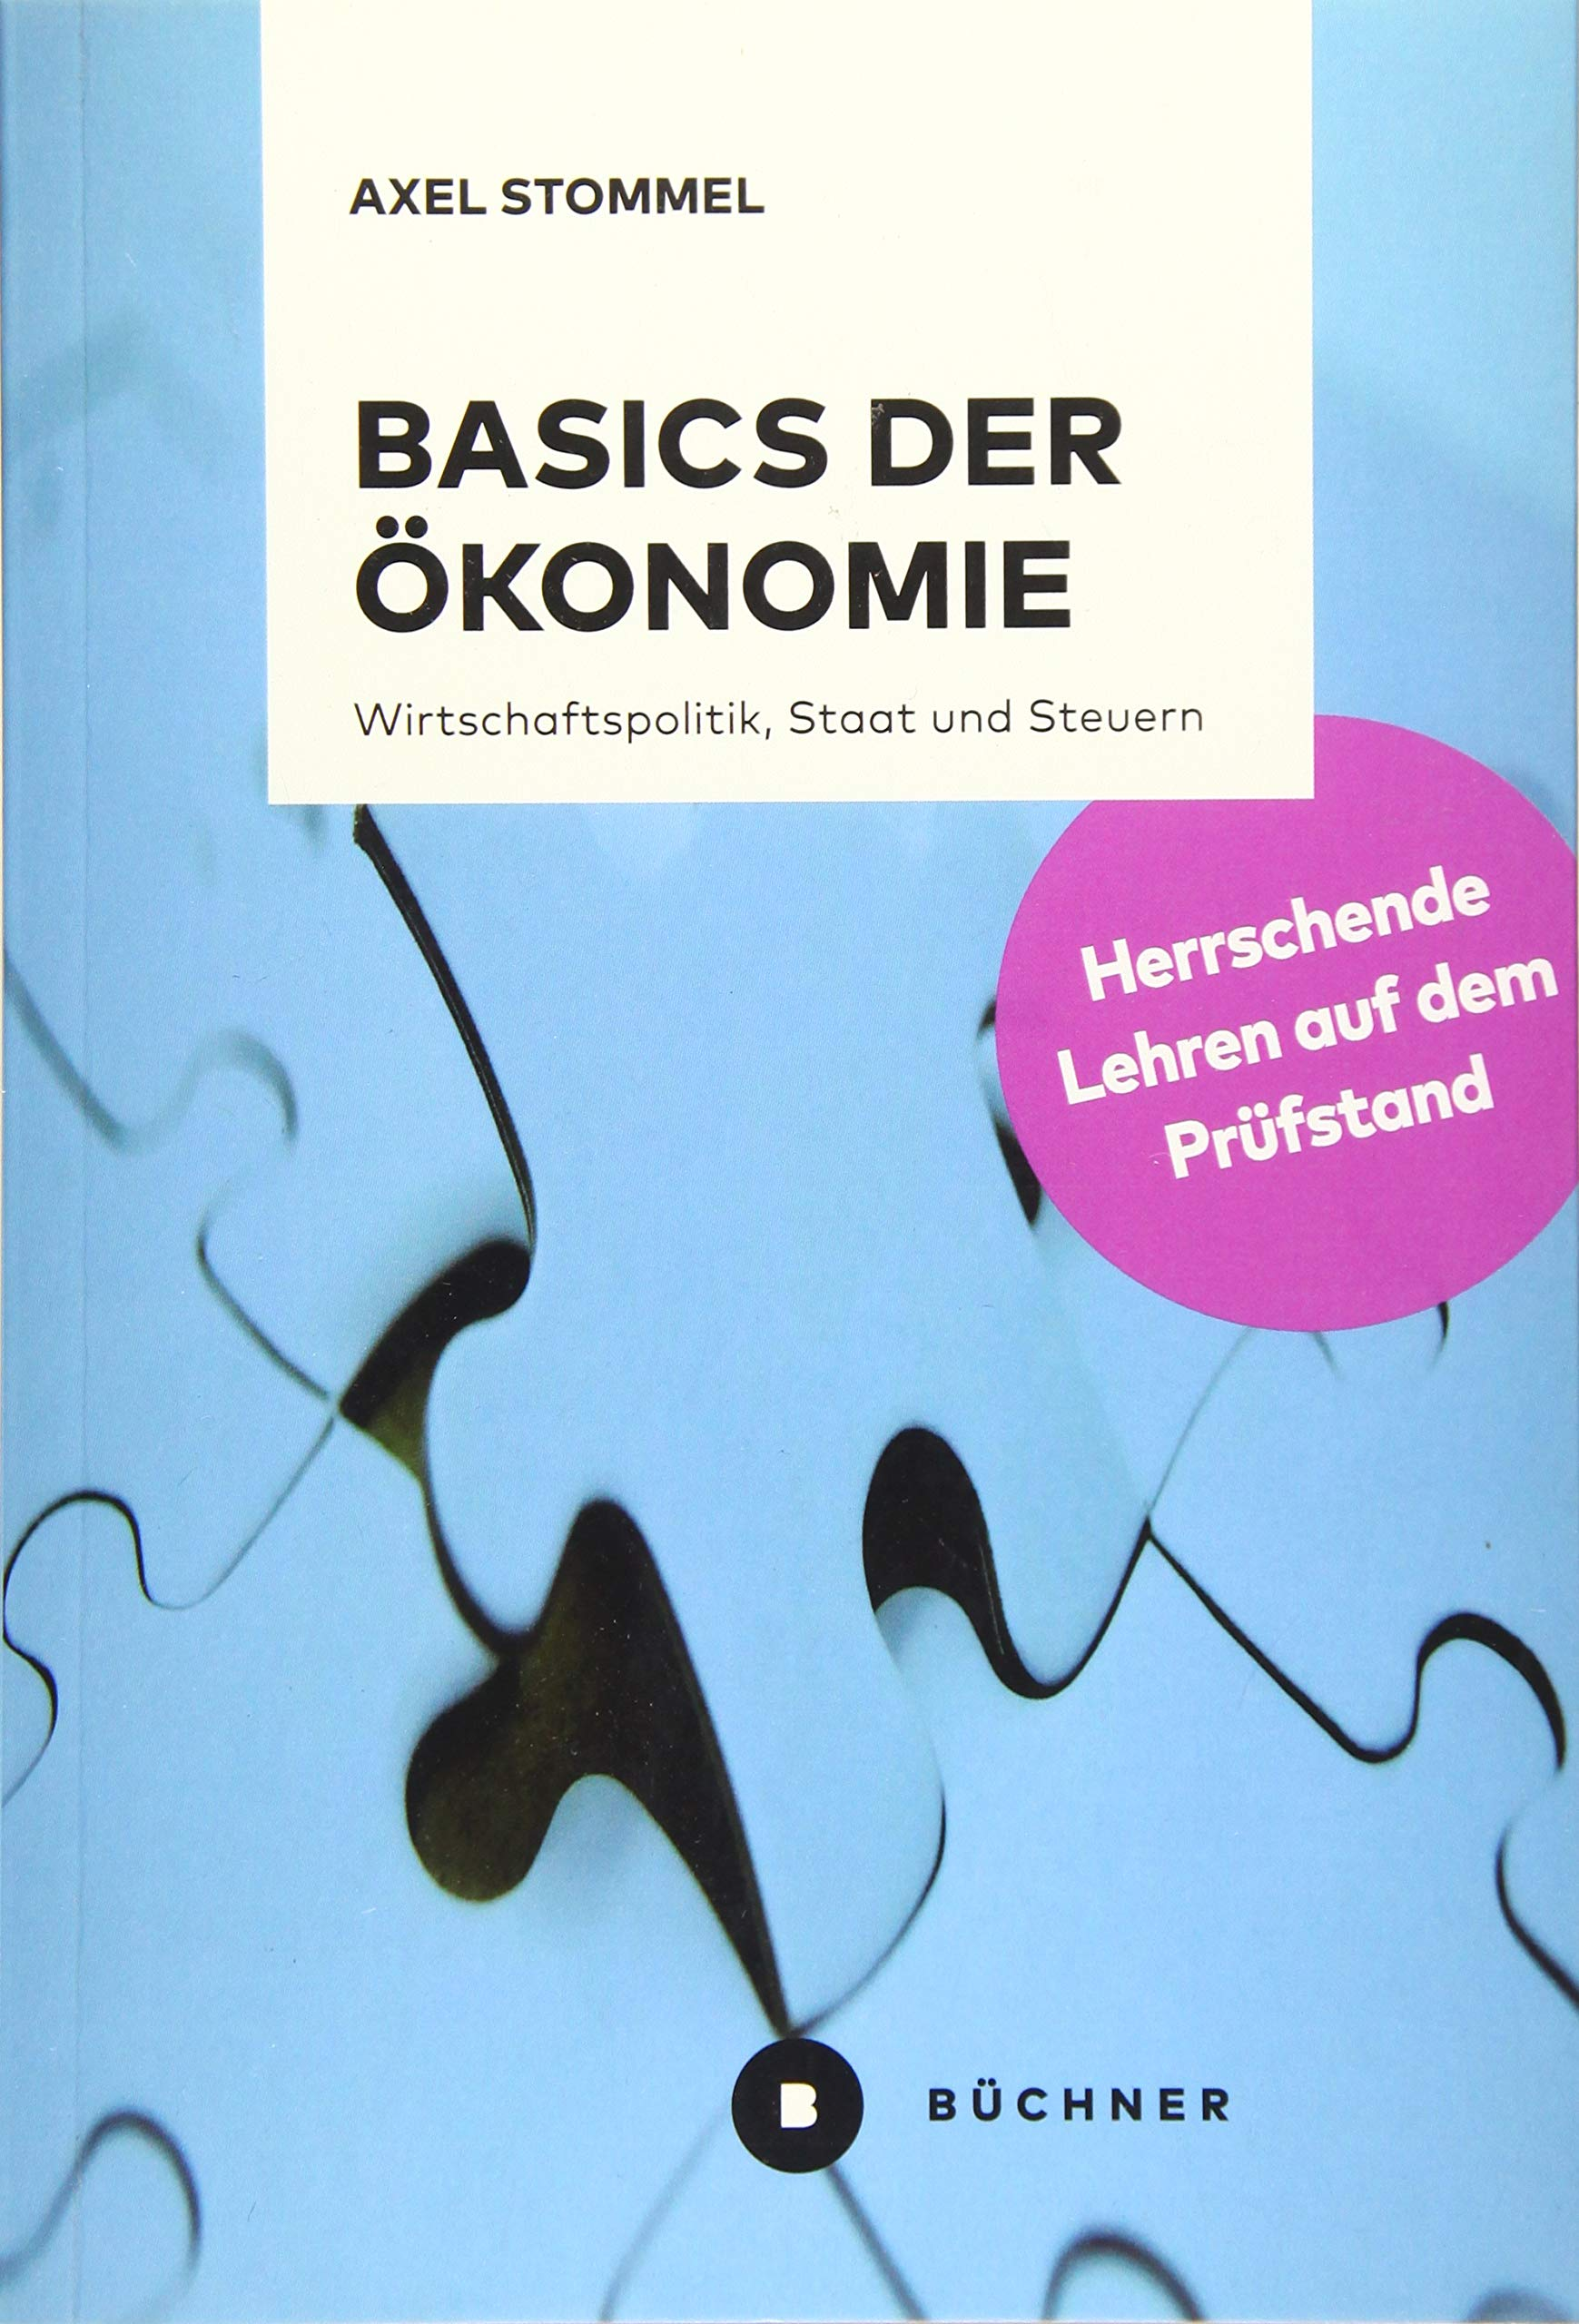 Basics Der Ökonomie  Herrschende Lehren Auf Dem Prüfstand. Wirtschaftspolitik Staat Und Steuern